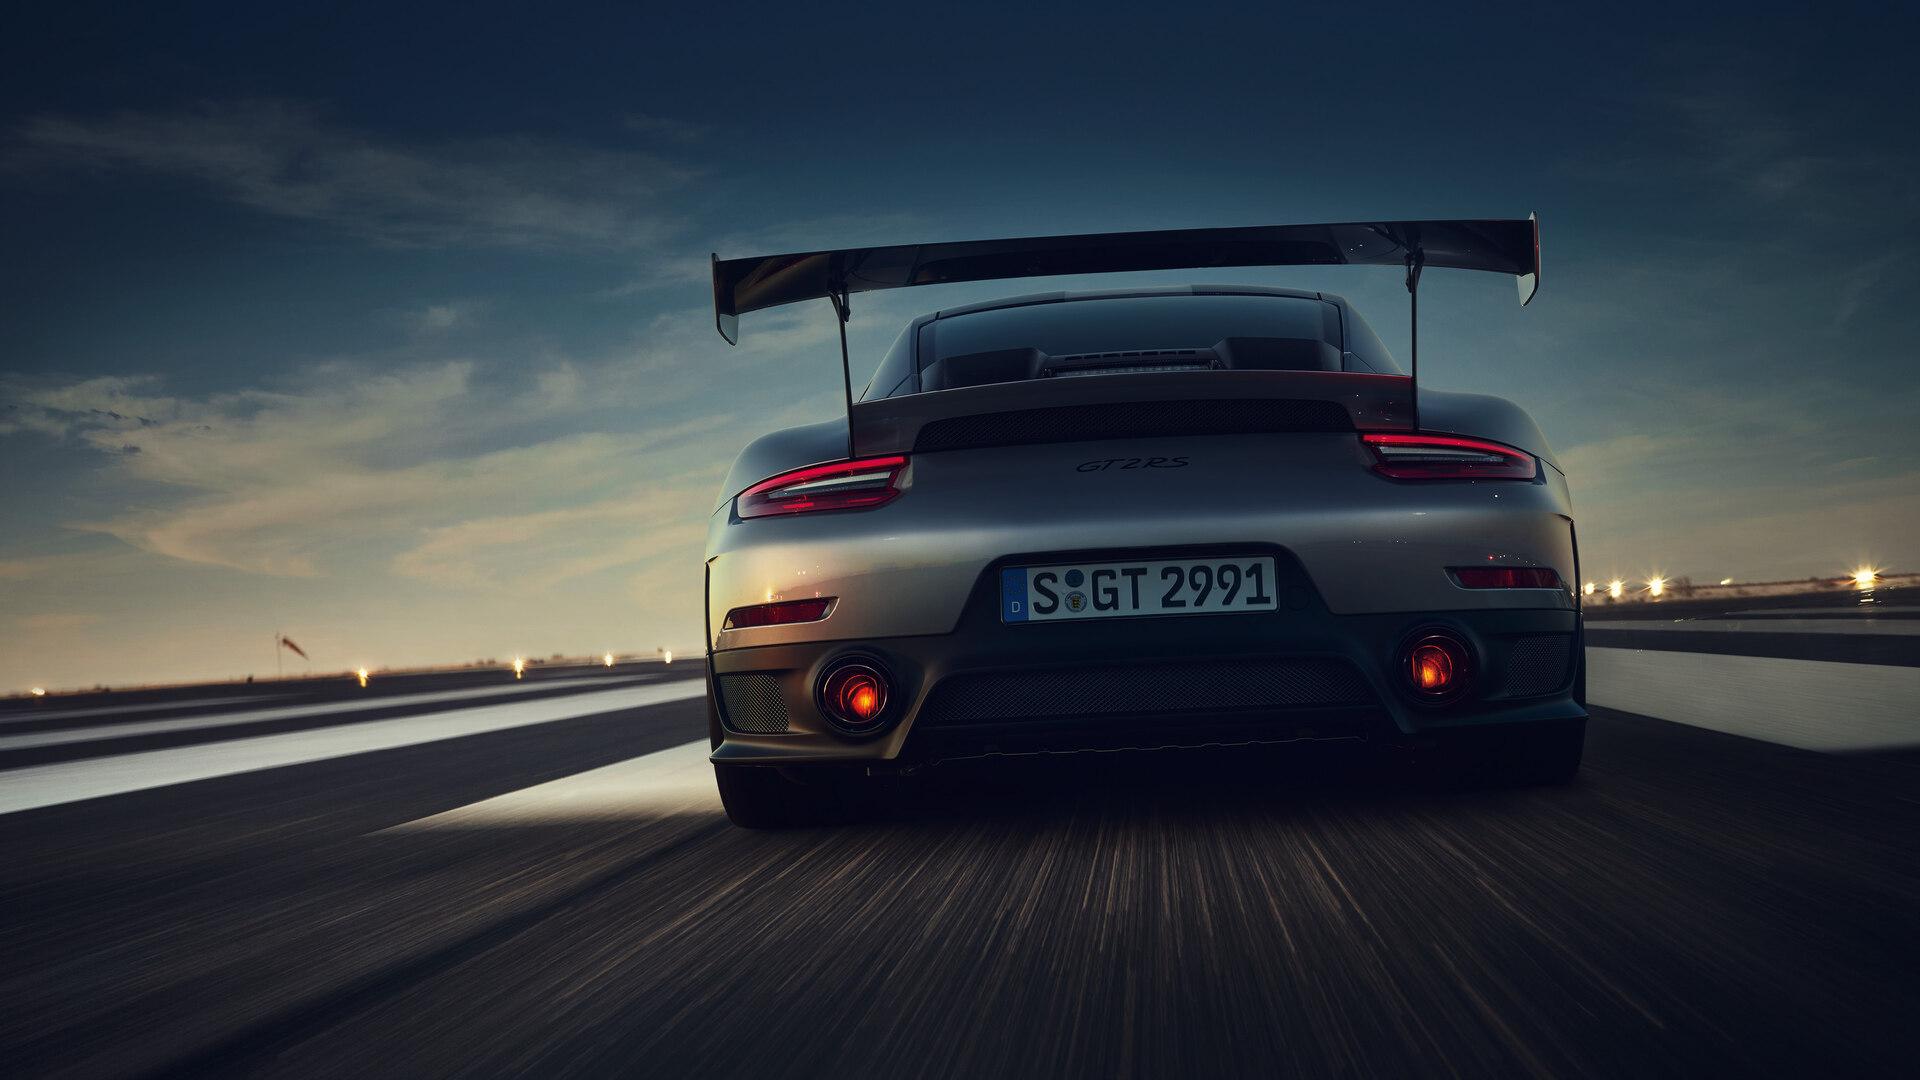 Porsche Hd Wallpapers 1080p: 1920x1080 2018 Porsche 911 GT2RS Laptop Full HD 1080P HD